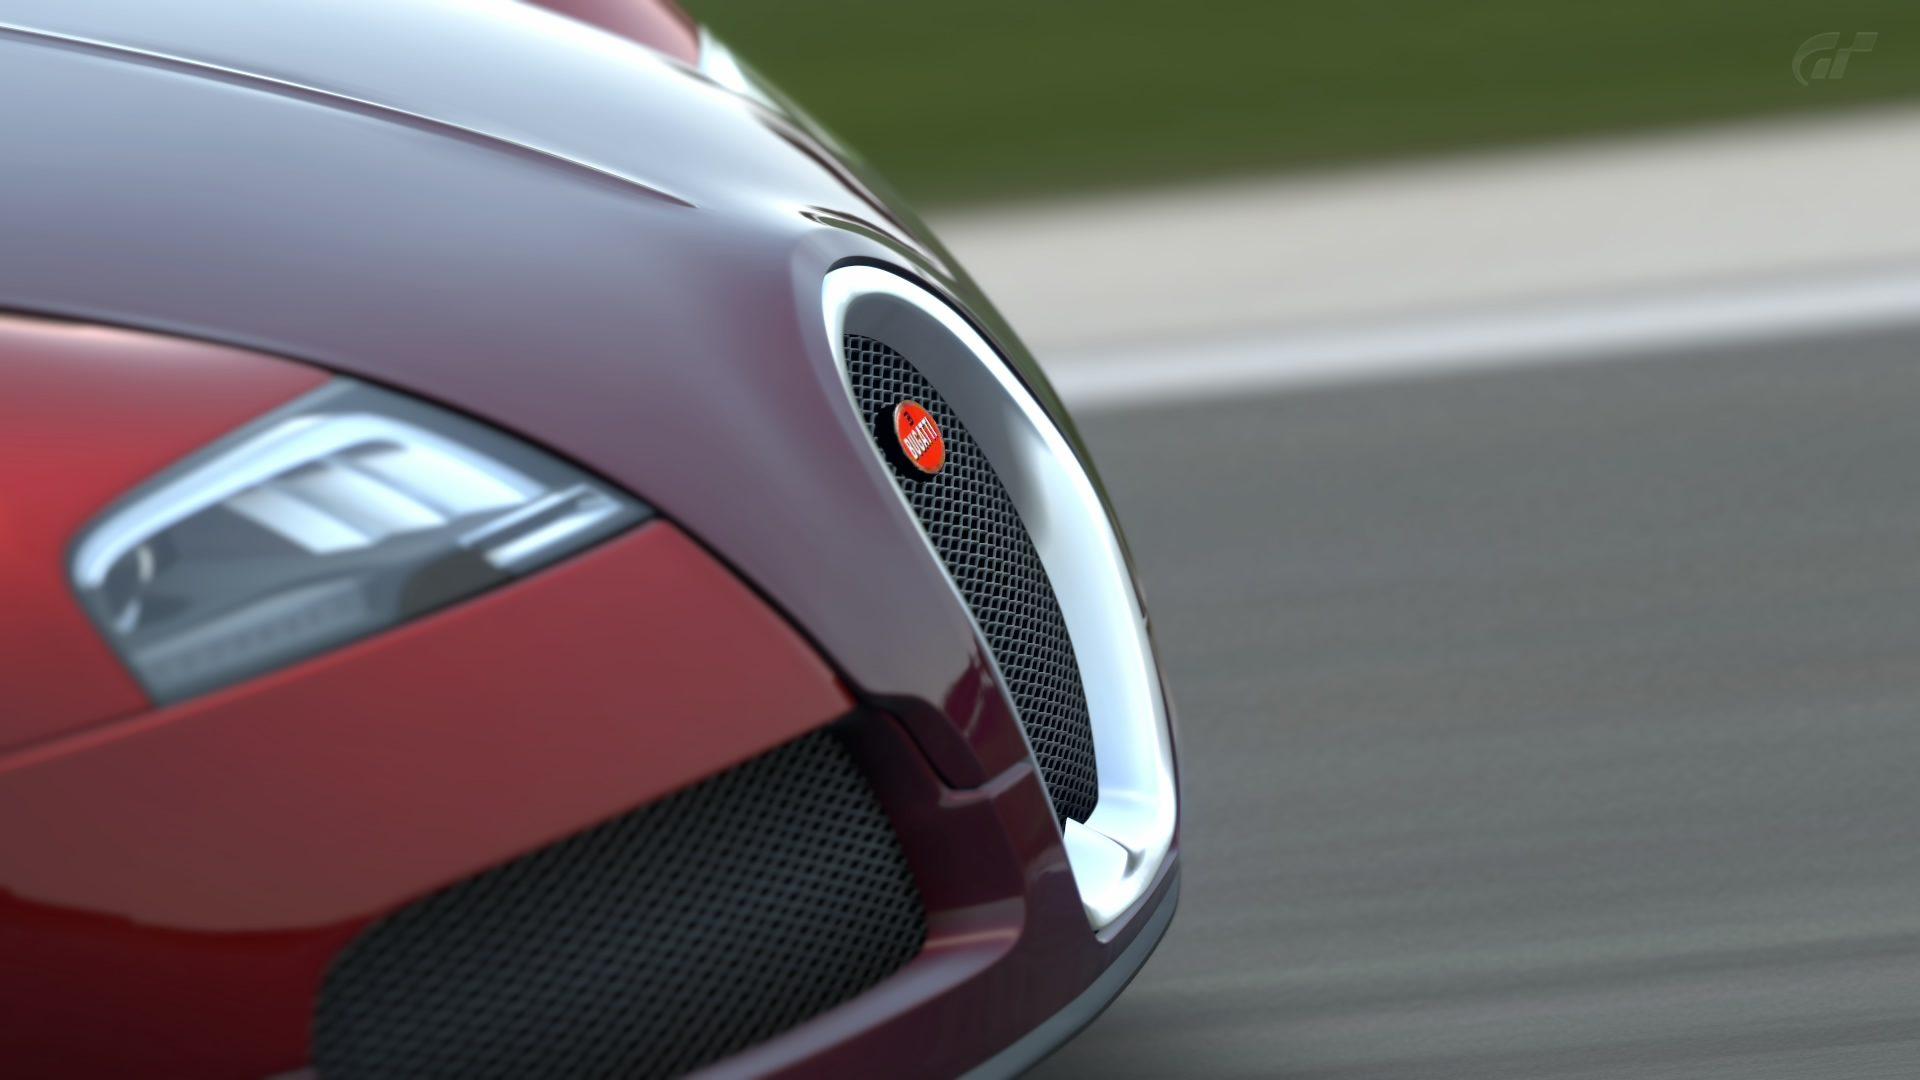 Ascari - Circuito completo_28.jpg